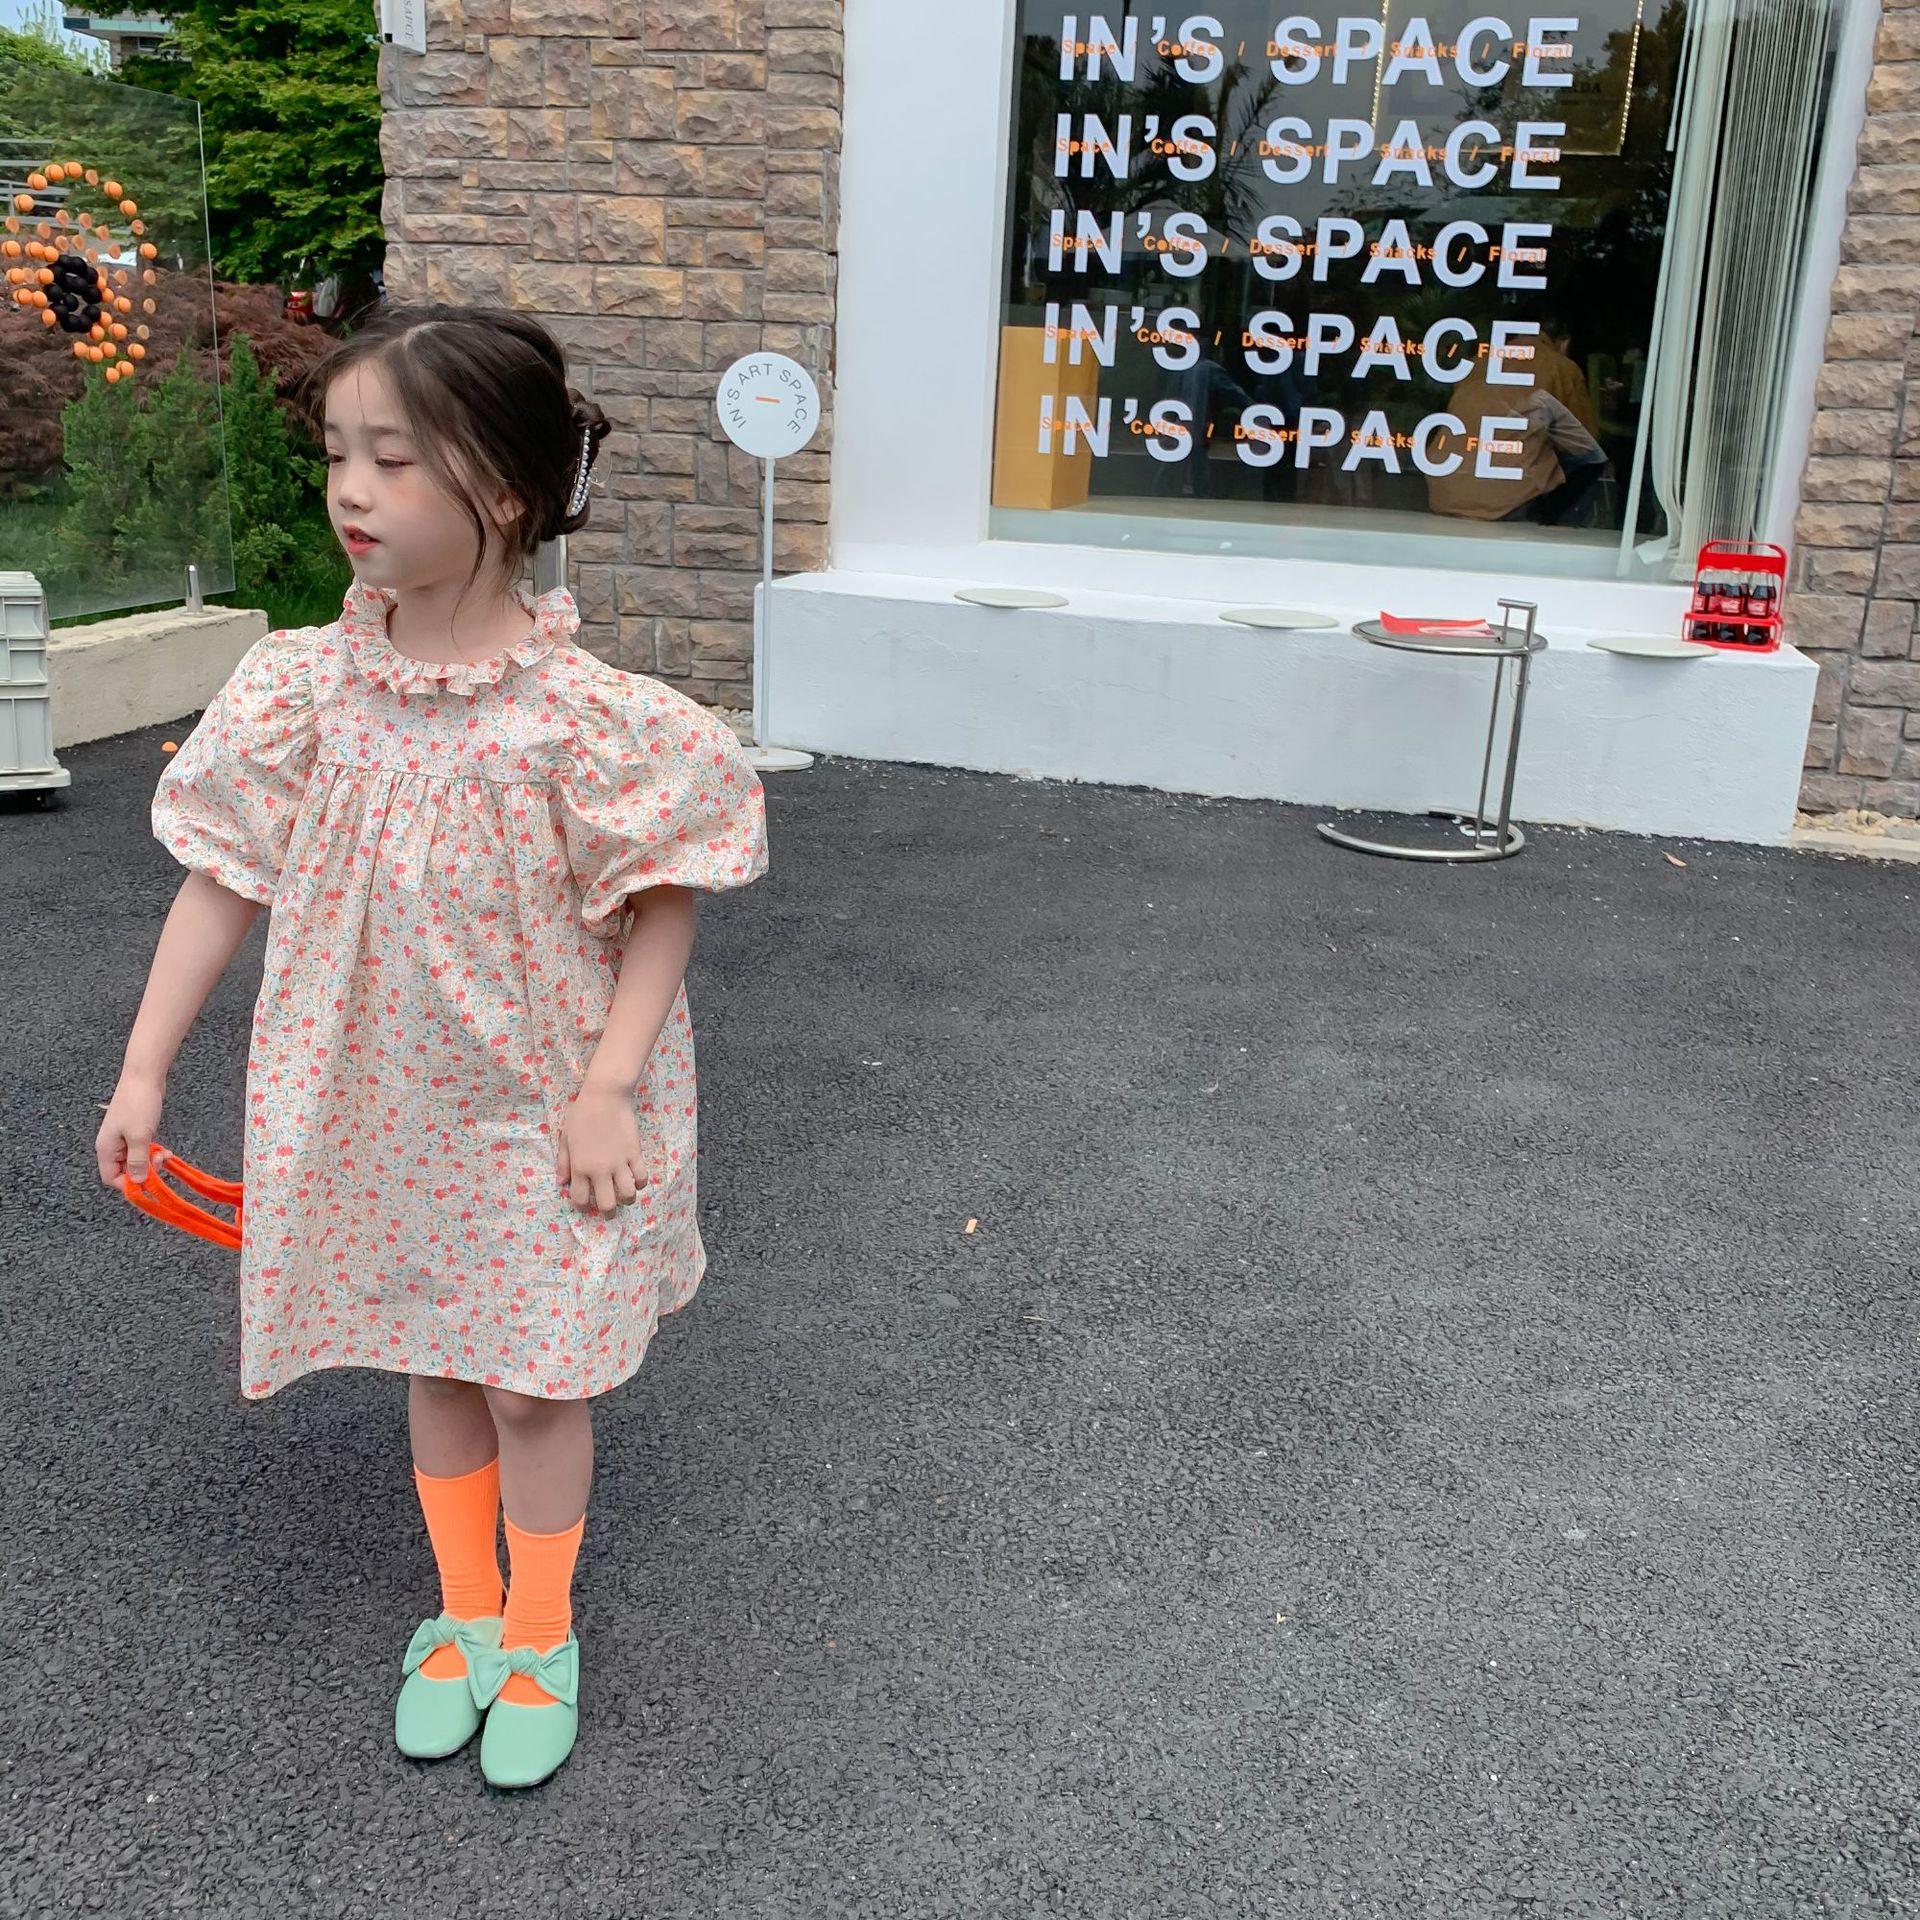 váy hoa cho bé gái đẹp 1